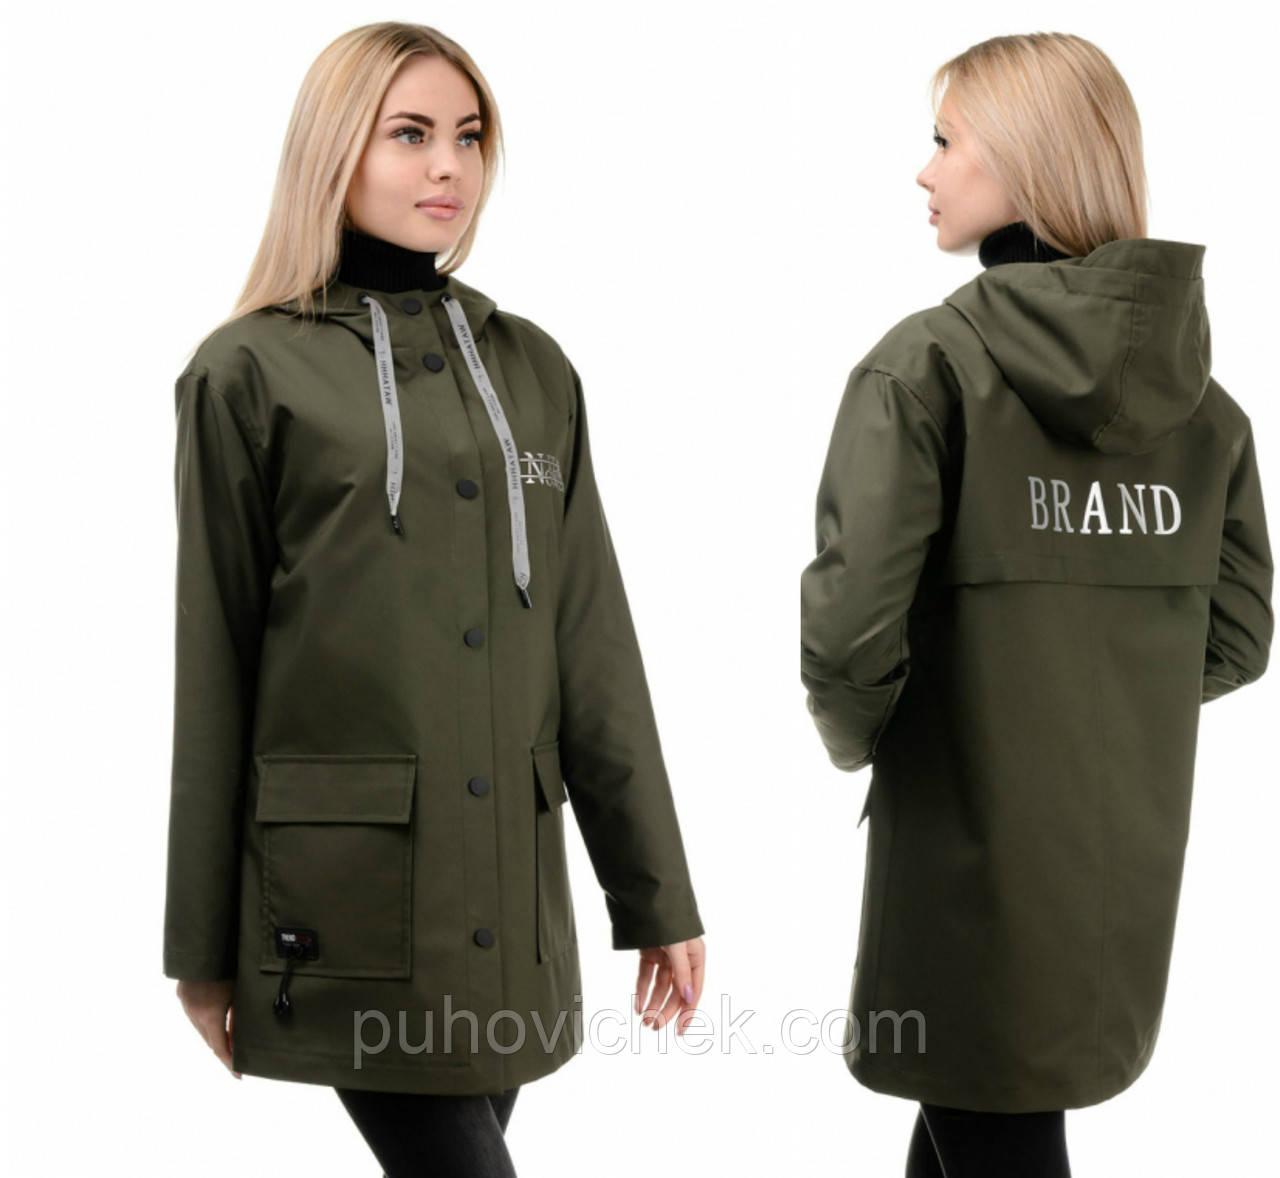 Куртка жіноча з капюшоном інтернет магазин розміри 42,44,46